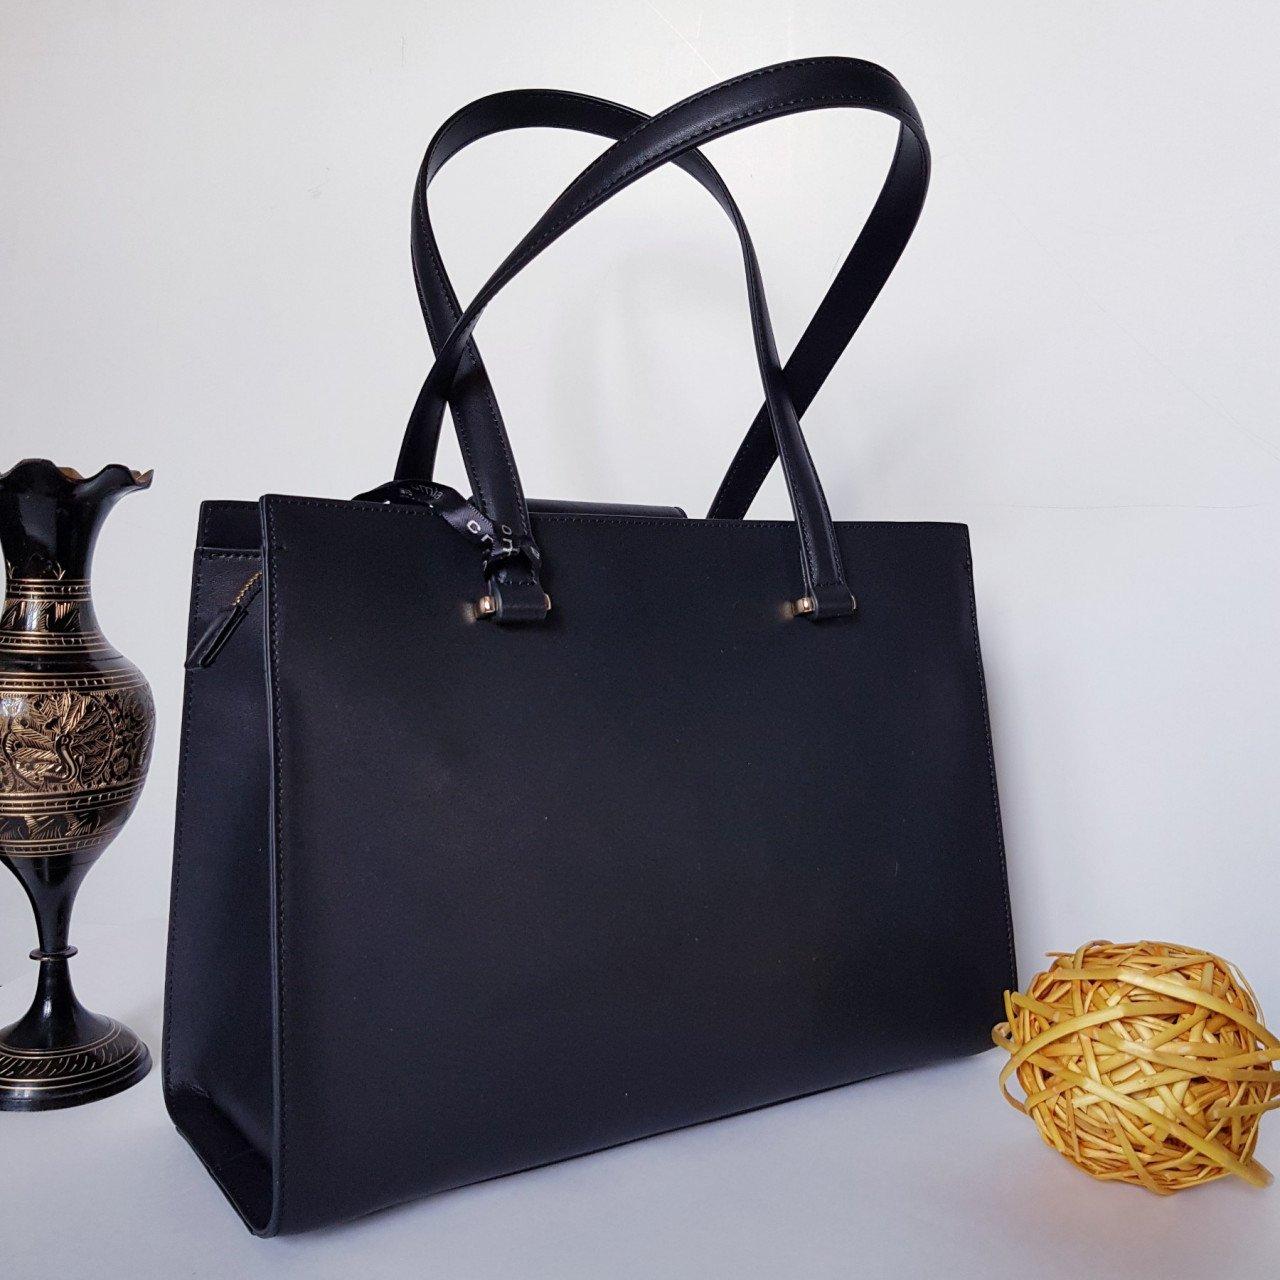 Женская кожаная сумка Cromia 1404854 NERO из натуральной кожи